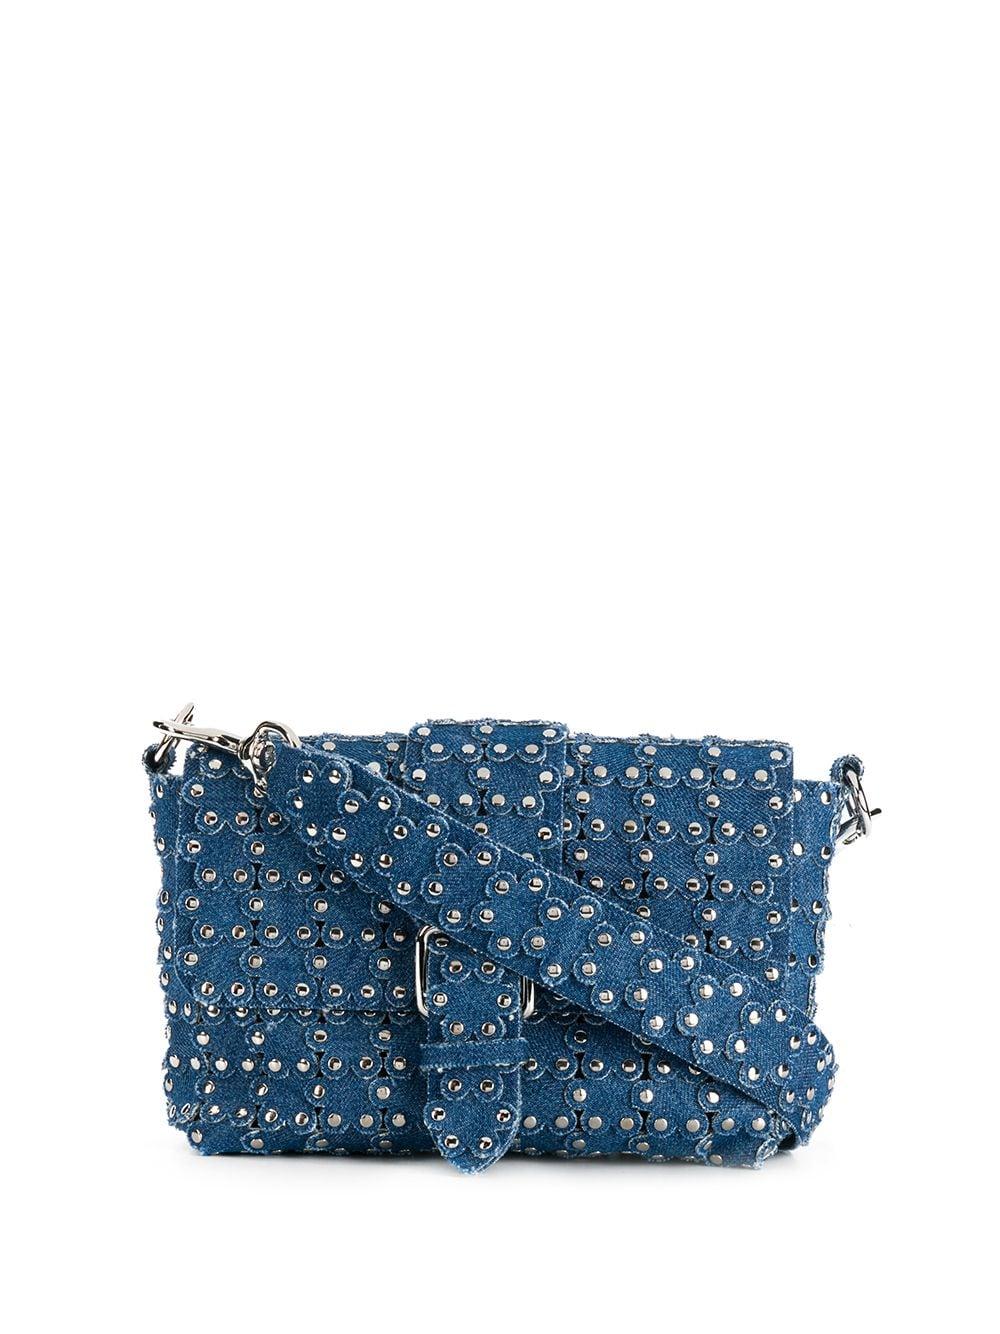 97cd165937 Flower Puzzle Shoulder Bag - RED VALENTINO - Russocapri